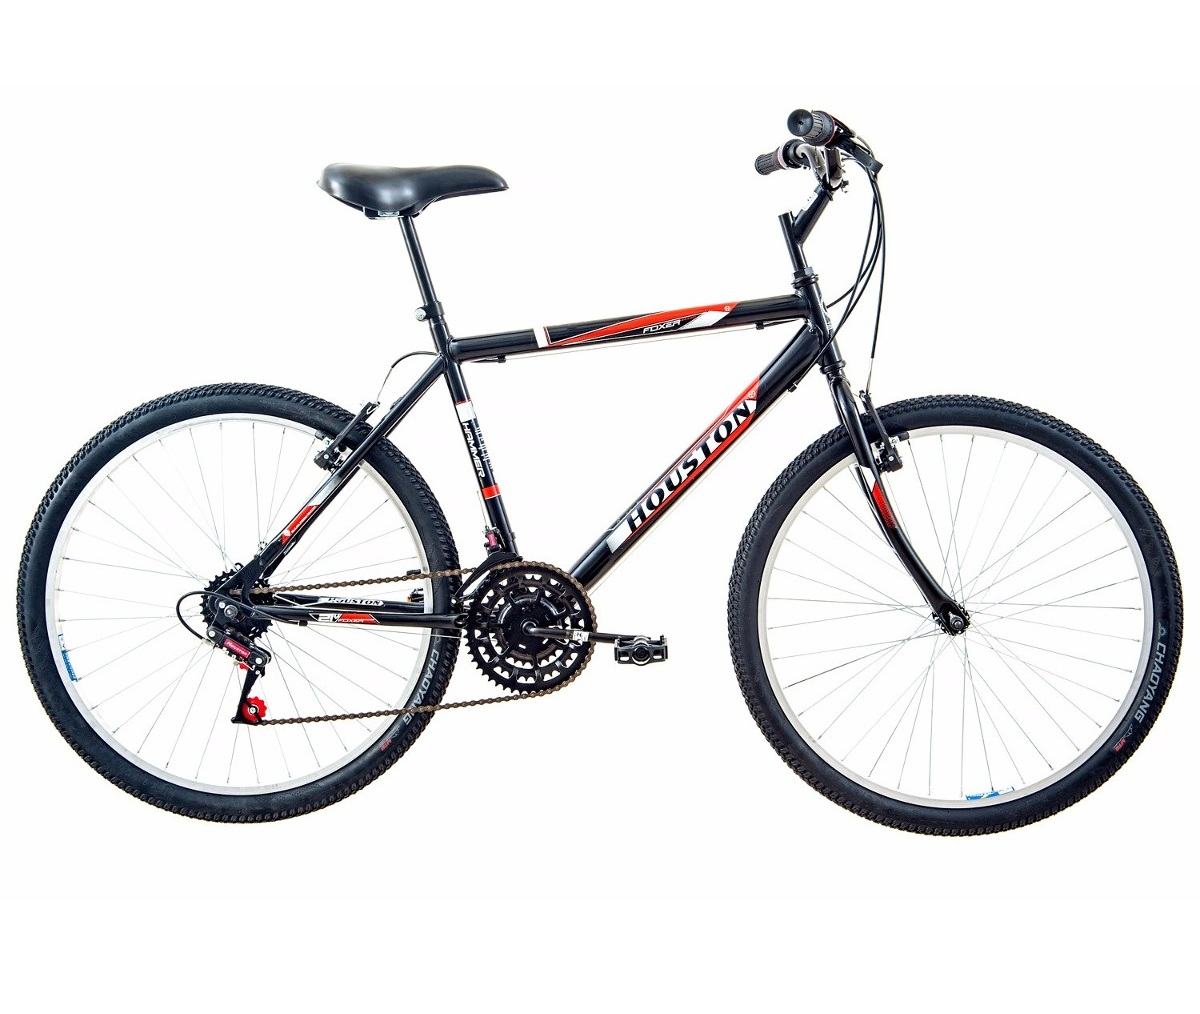 Bicicleta Foxer Hammer Aro 26 21 Marchas Preta - Houston